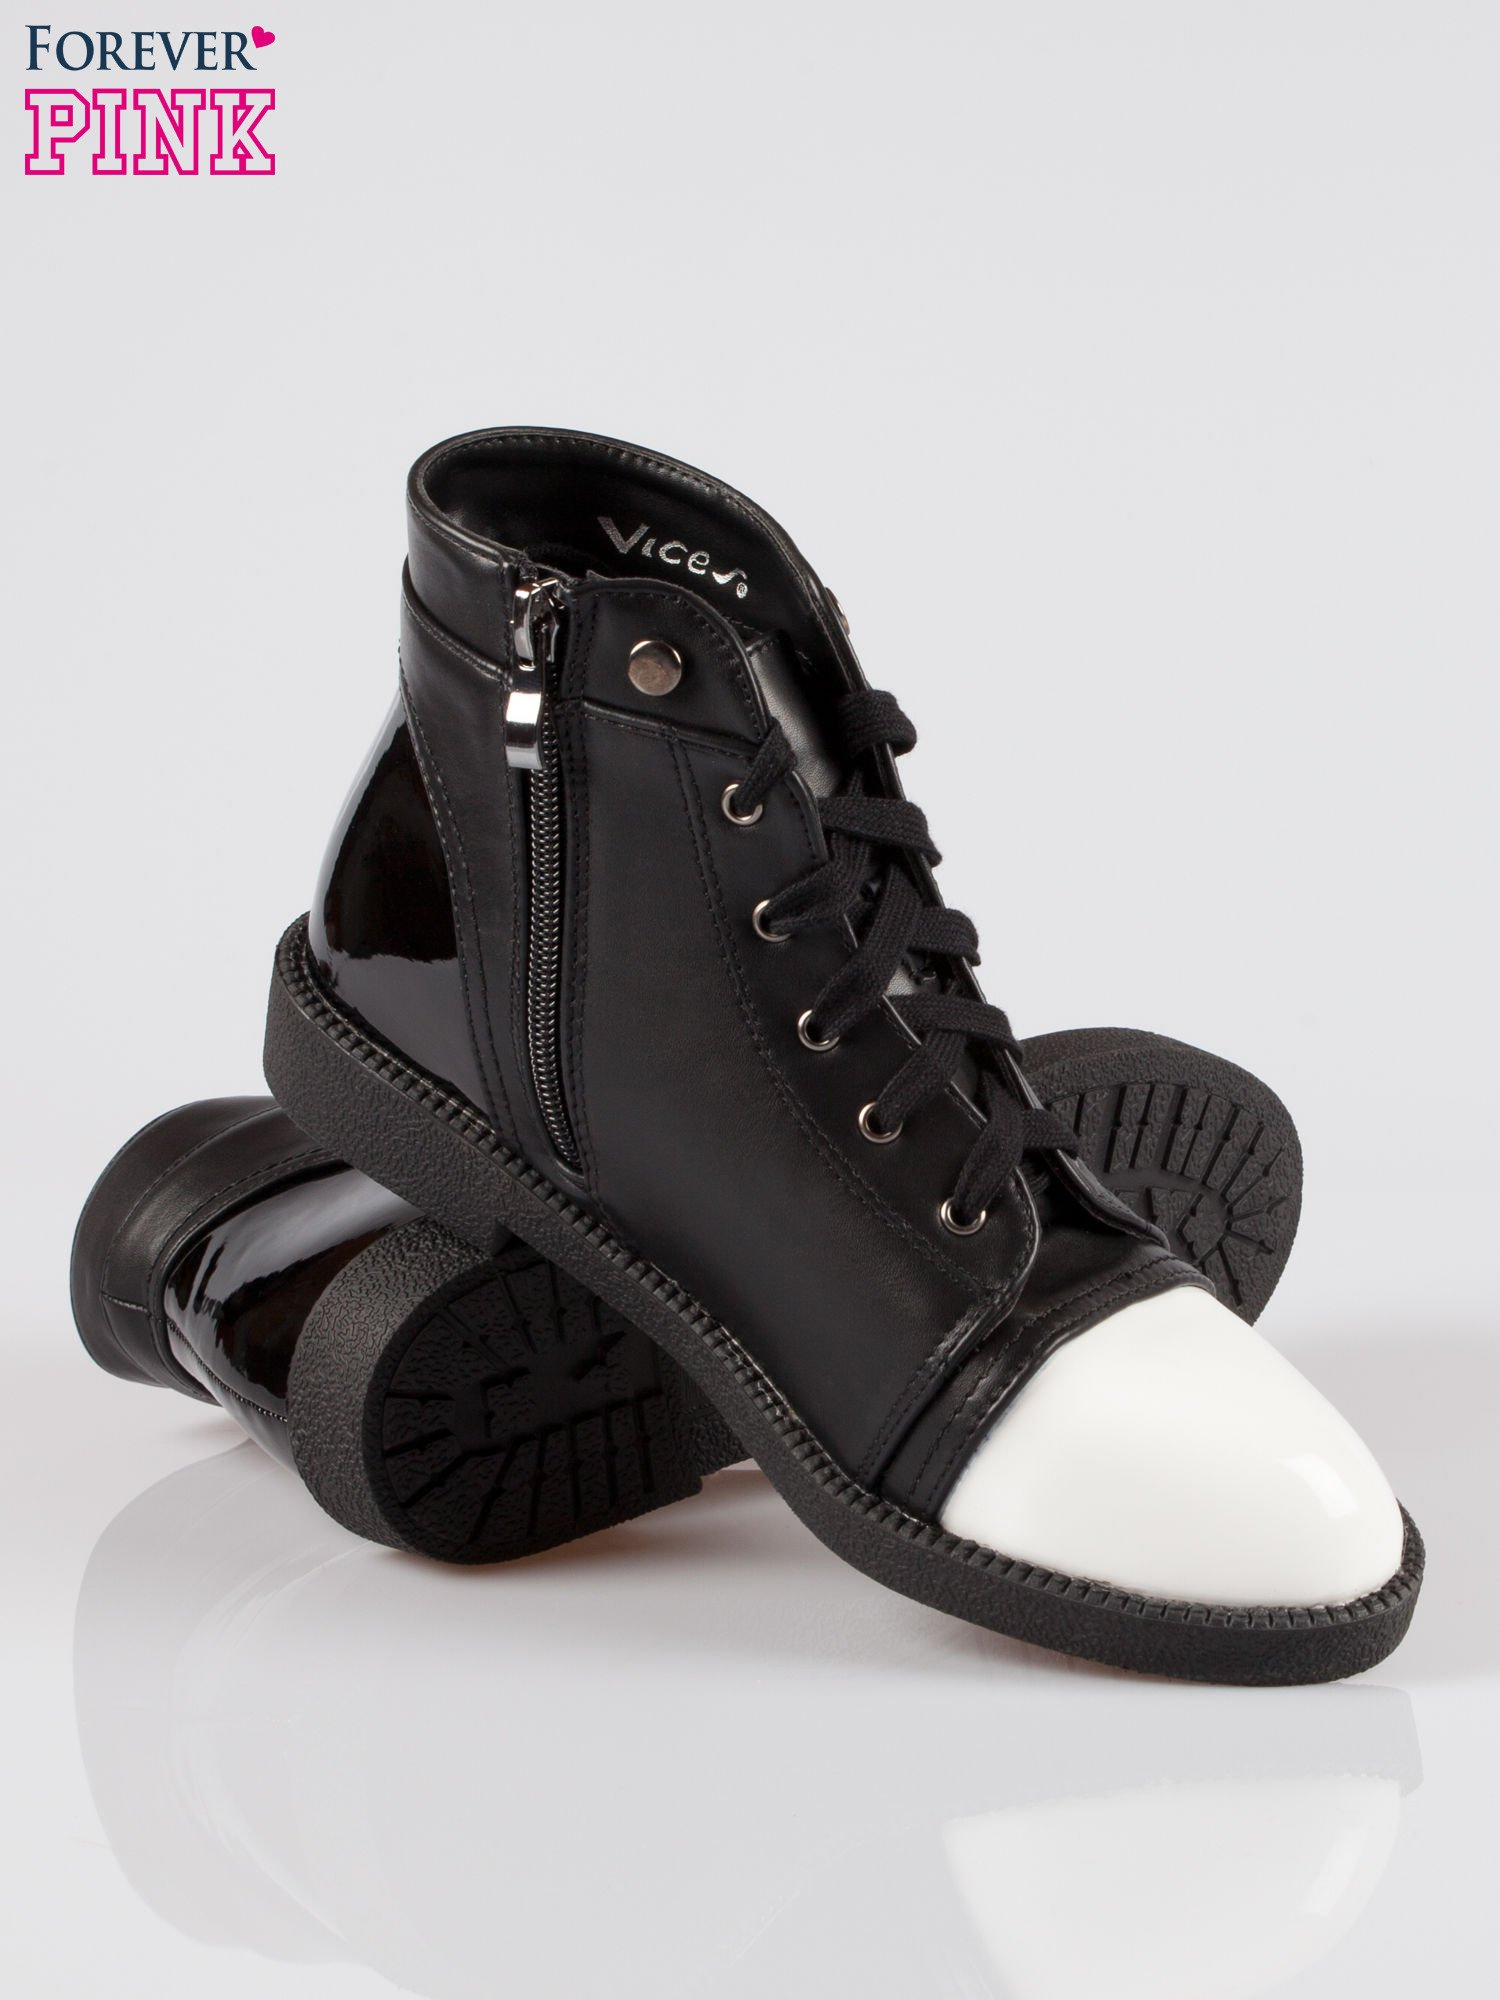 Czarne sznurowane botki damskie white cap toe                                  zdj.                                  4